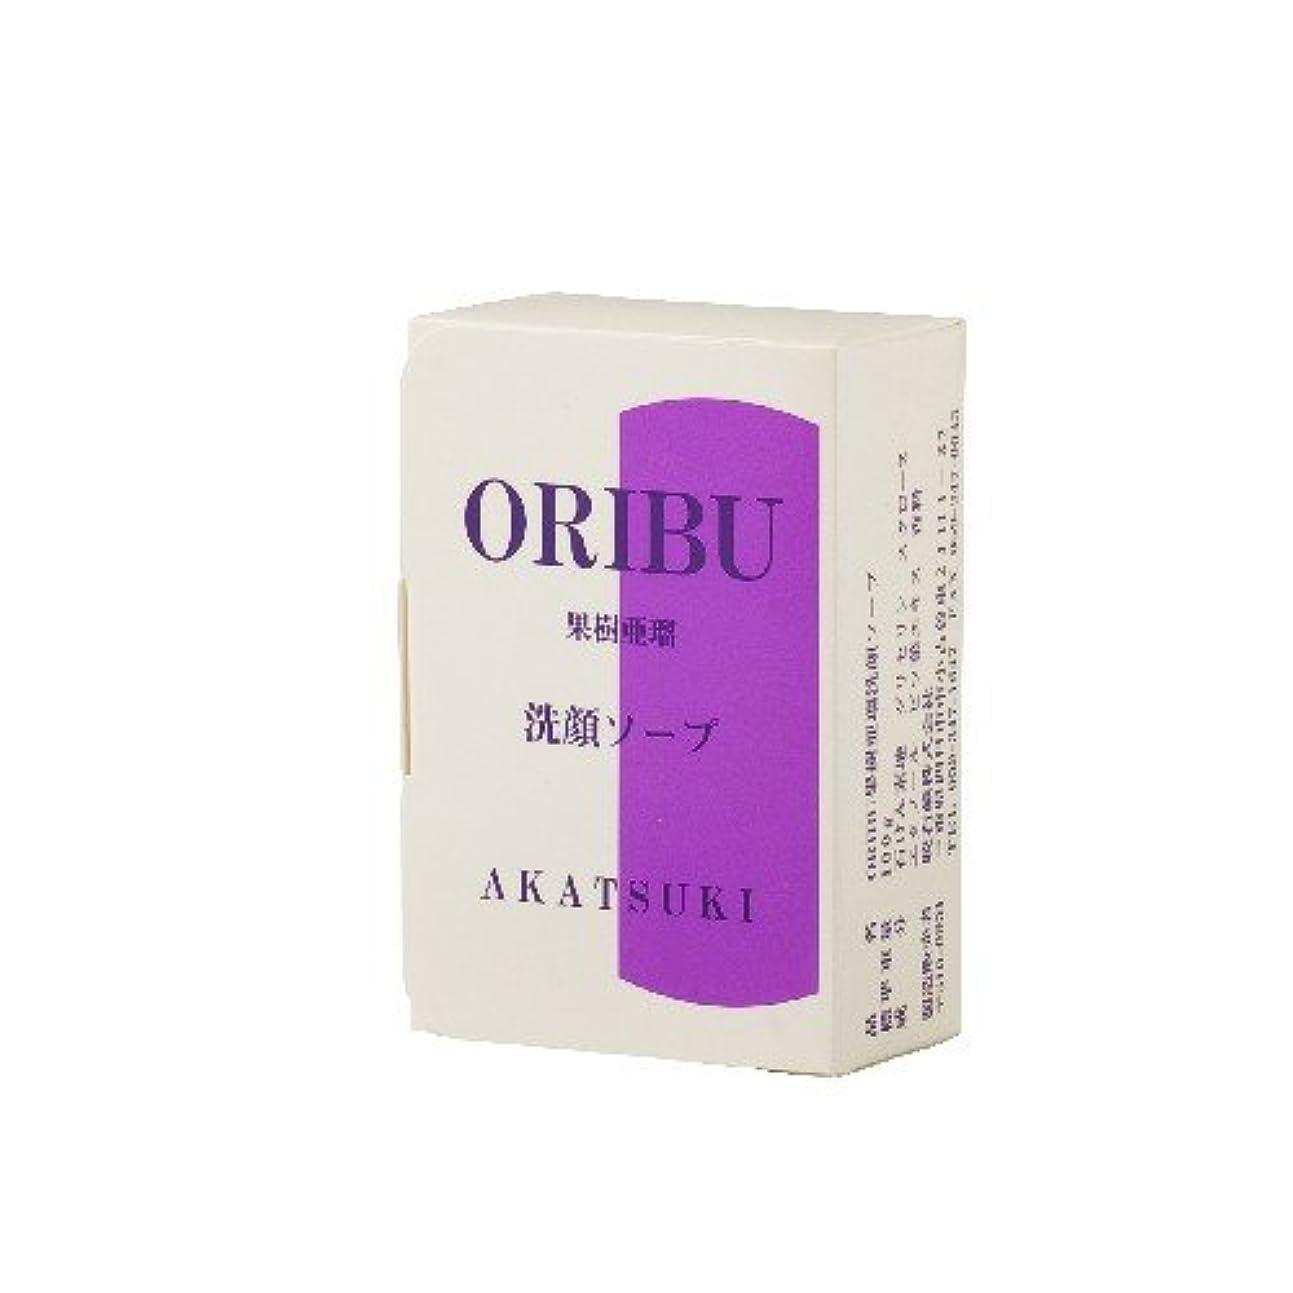 名義で代表作曲家ORIBU果樹亜瑠 洗顔ソープ 100g